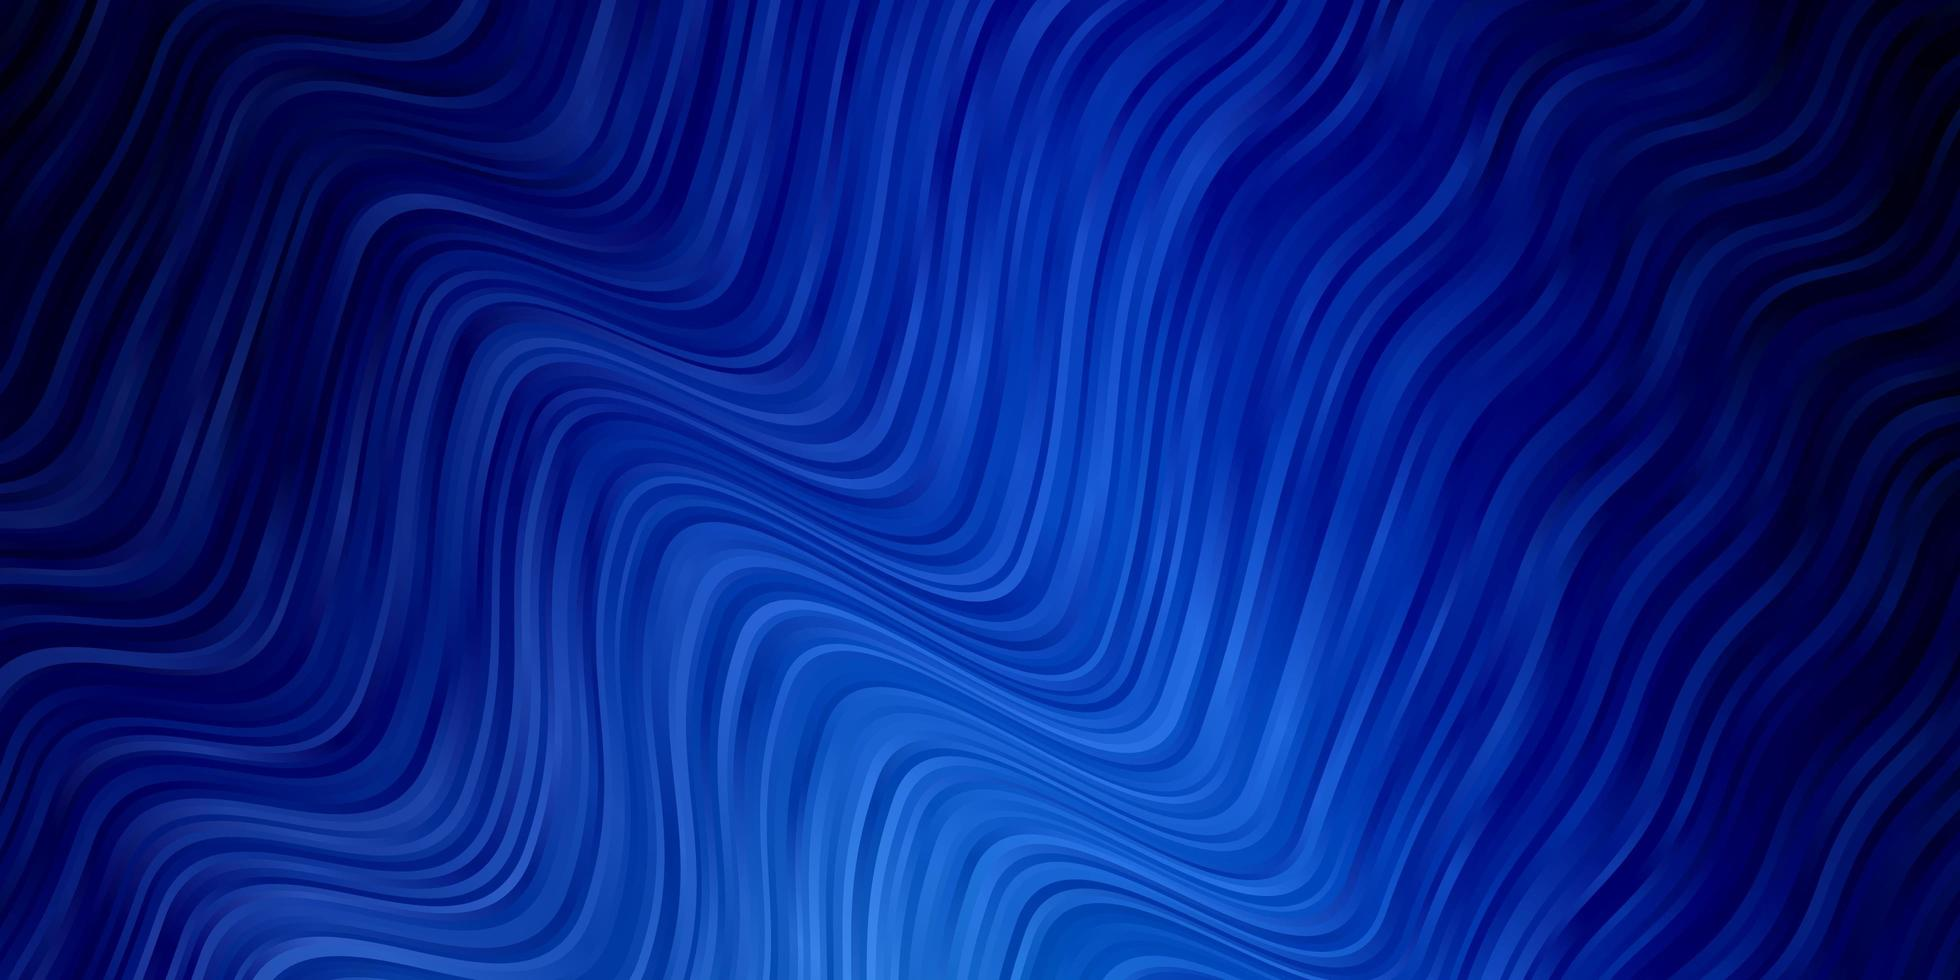 modelo azul com linhas irônicas. vetor